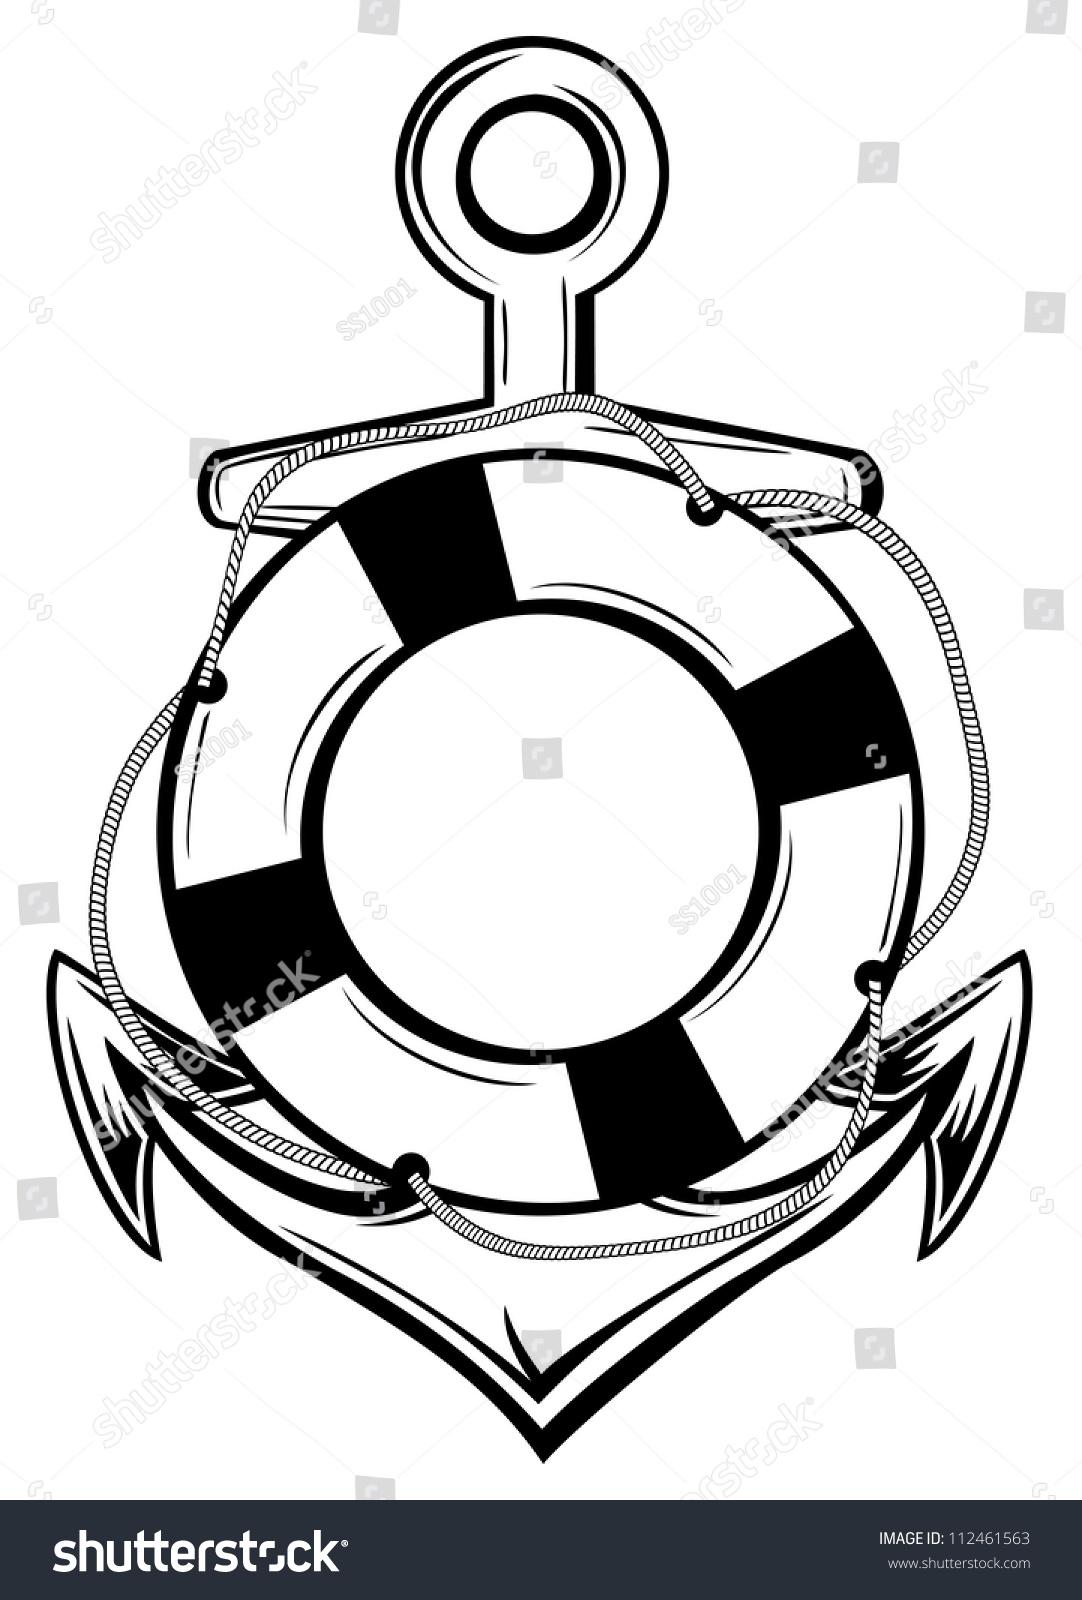 Vector Illustration Emblem Anchor Ringbuoy Sketch Stock